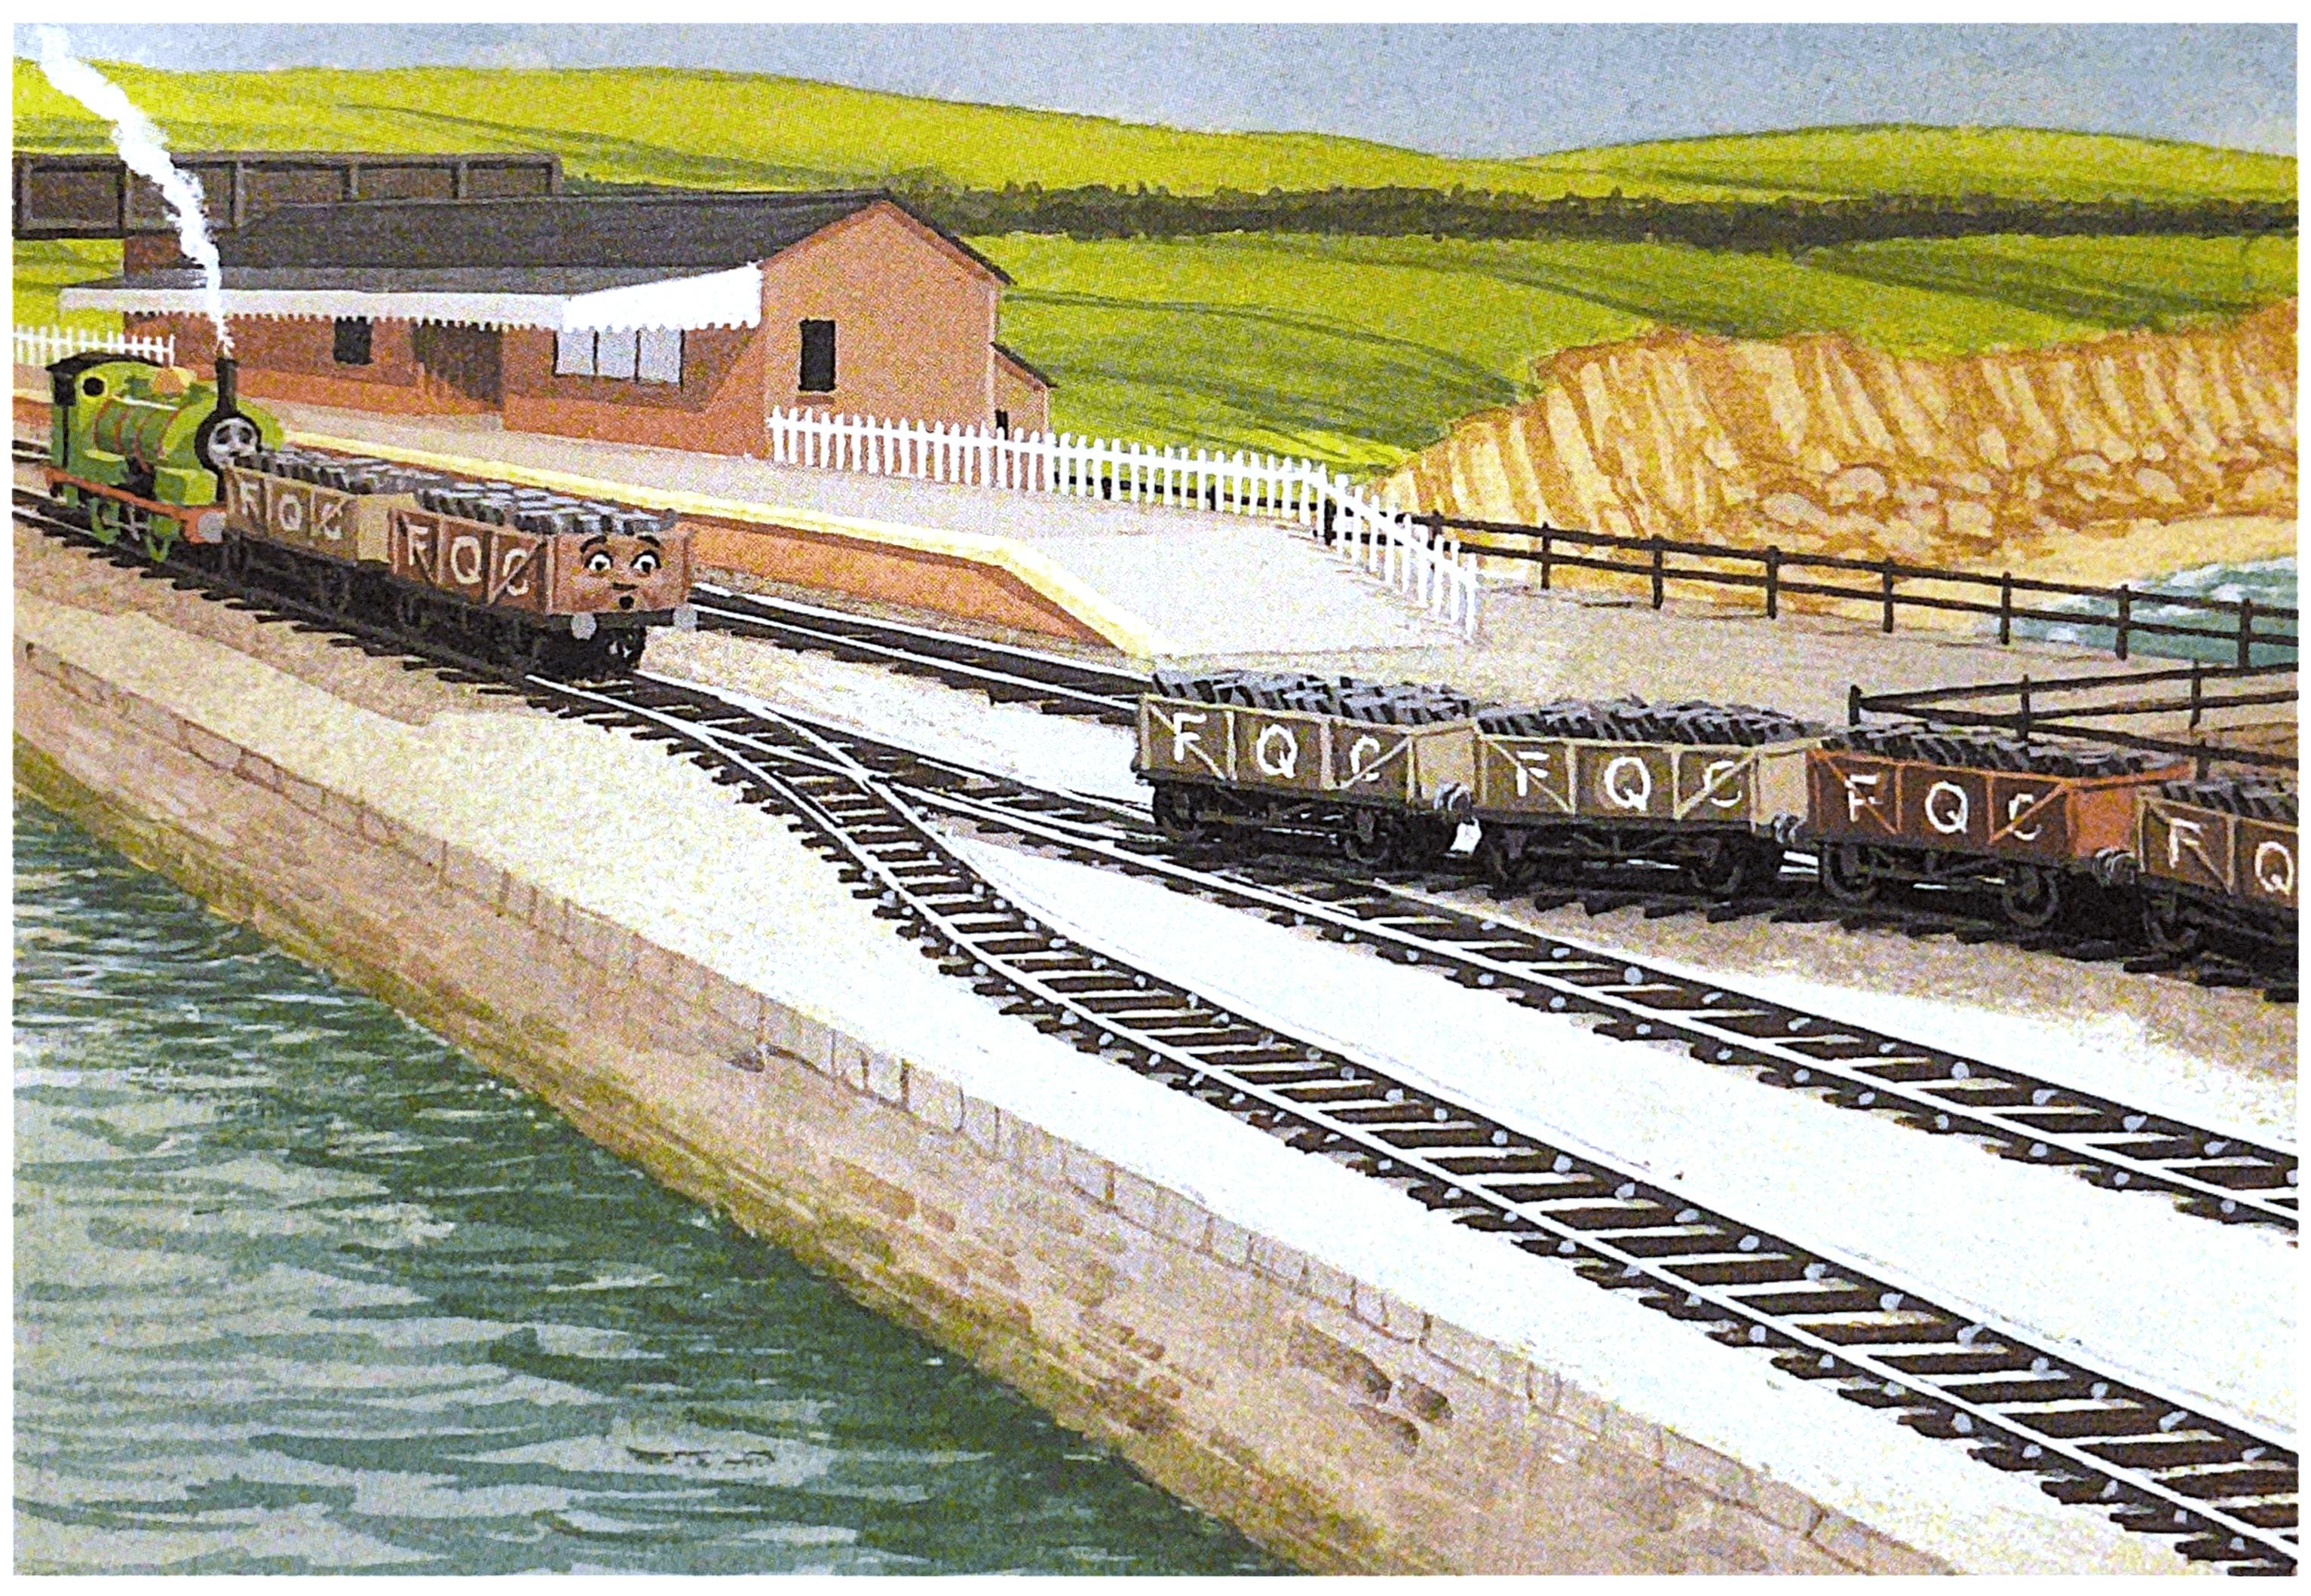 Knapford Harbour